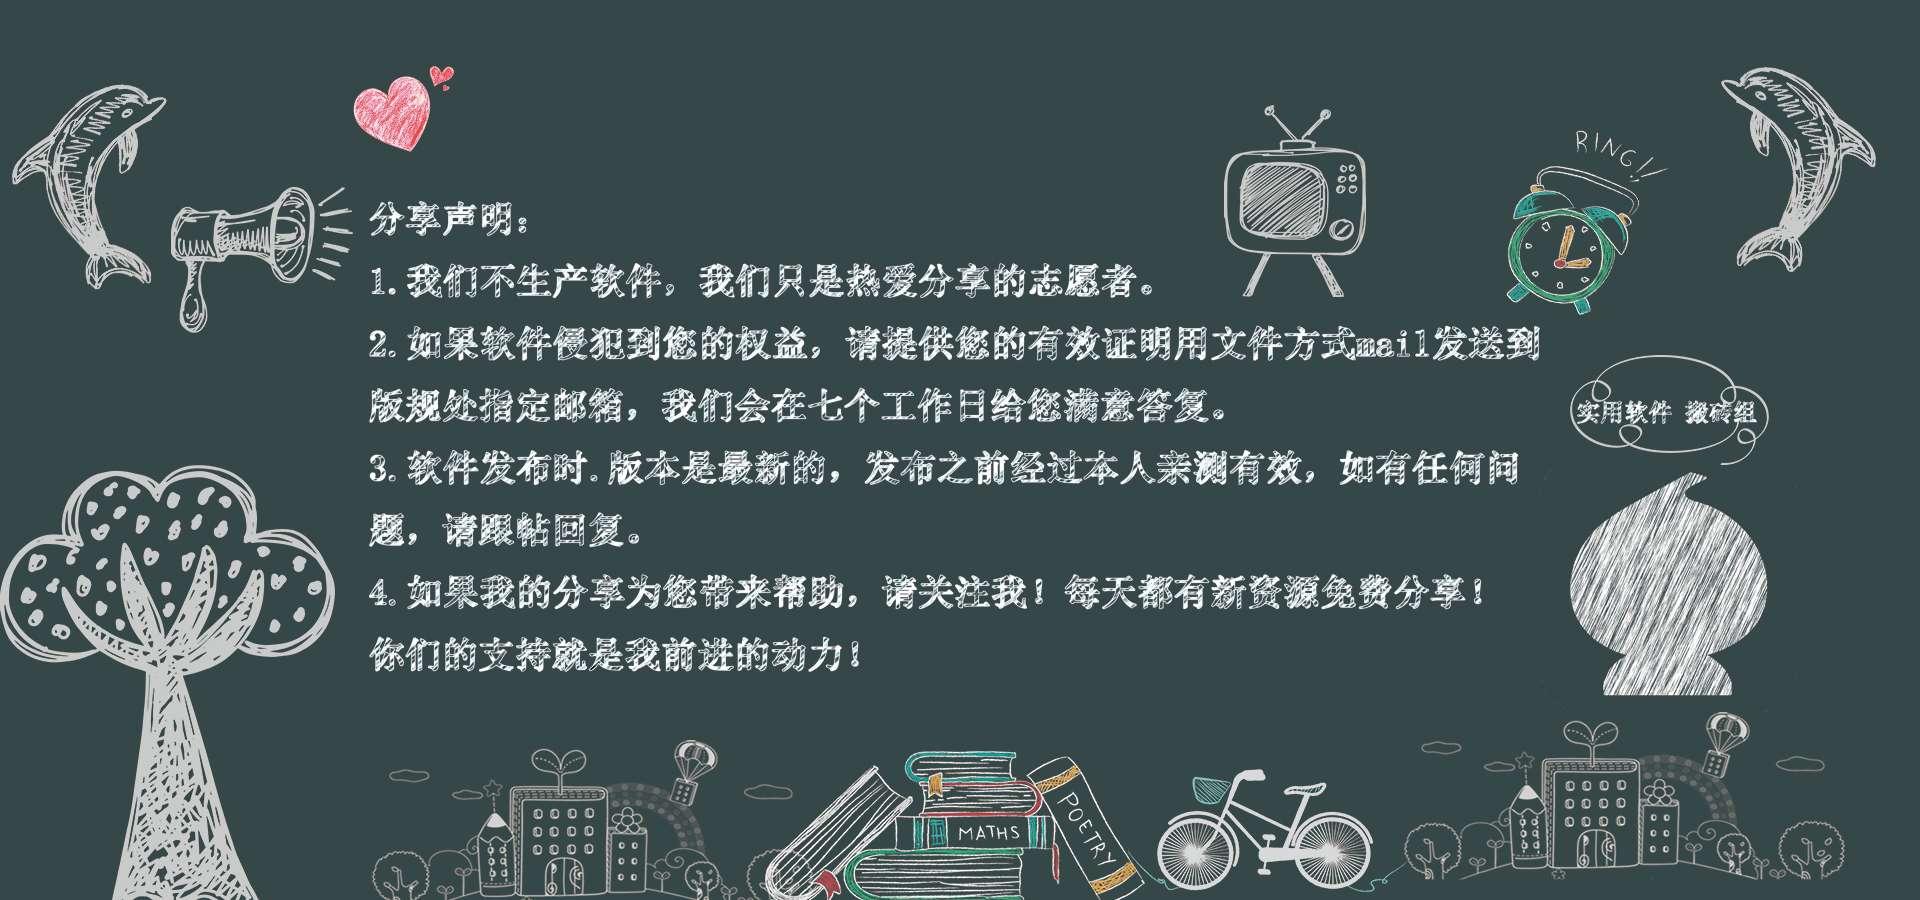 【资源分享】知音漫客 v5.0.0 修改版-爱小助